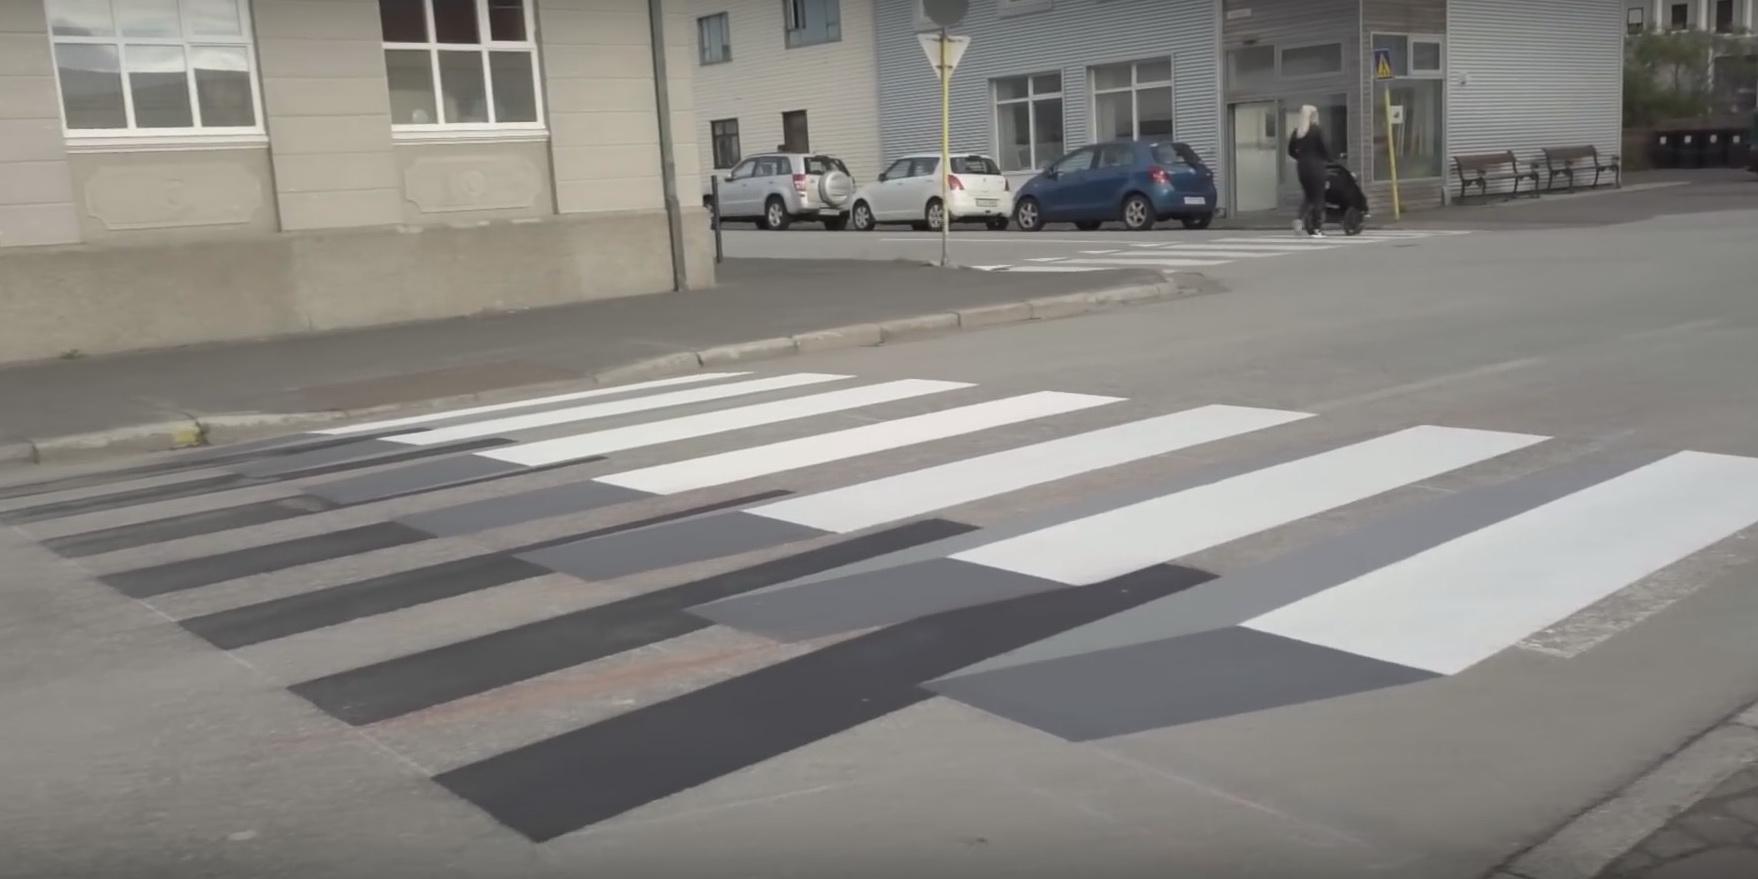 zebra4.jpg (232.4 Kb)